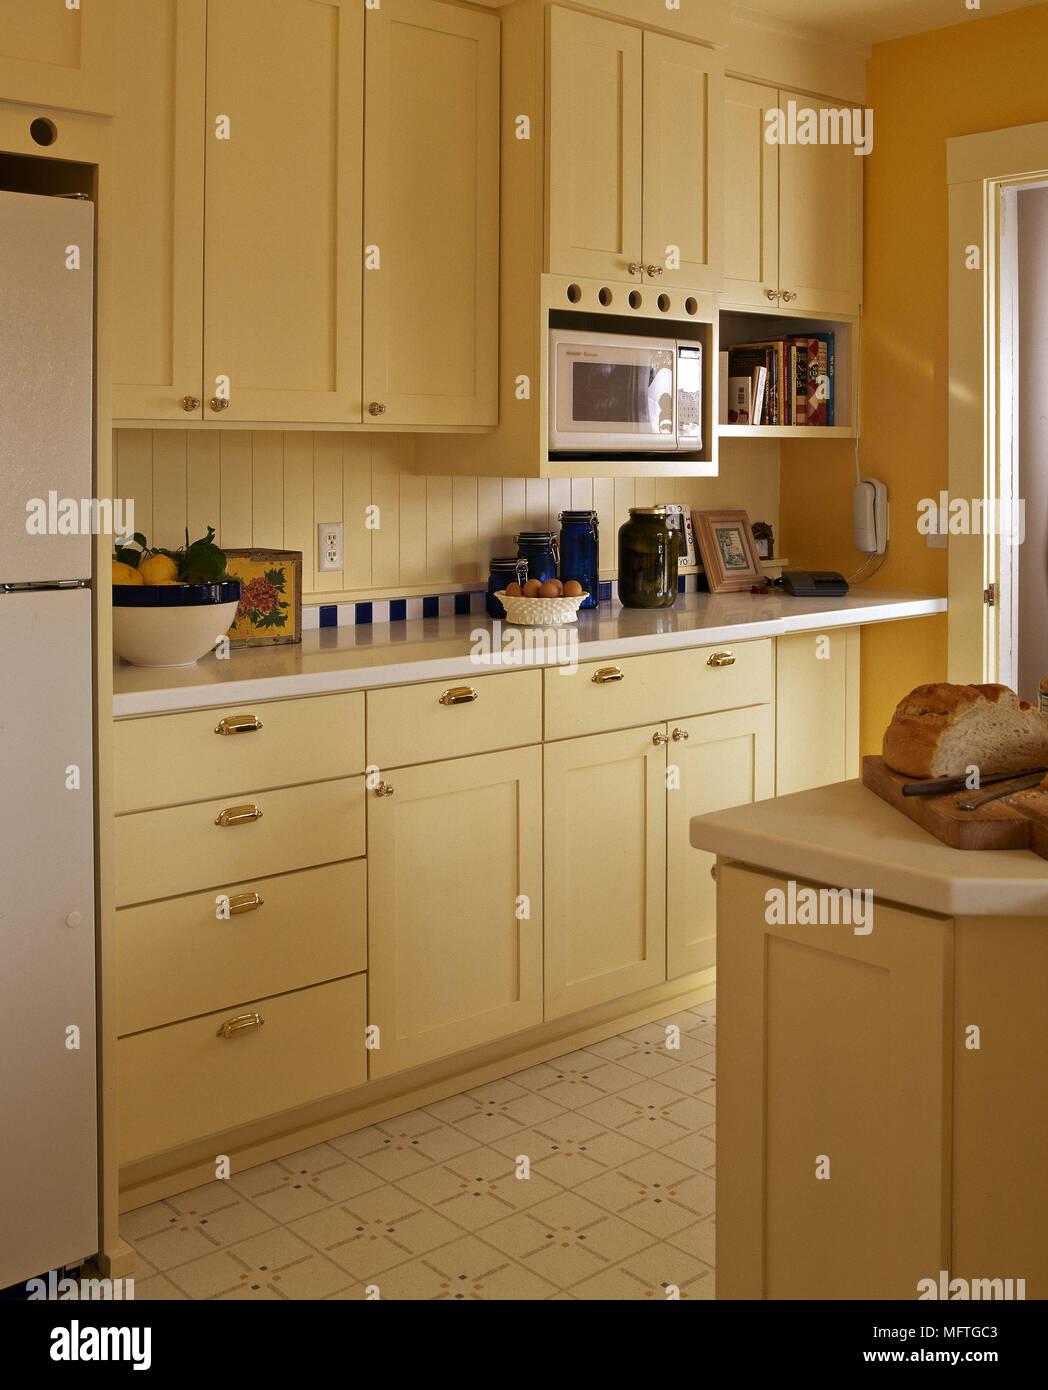 Groß Shaker Stil Küchenschränke Design Bilder - Ideen Für Die Küche ...